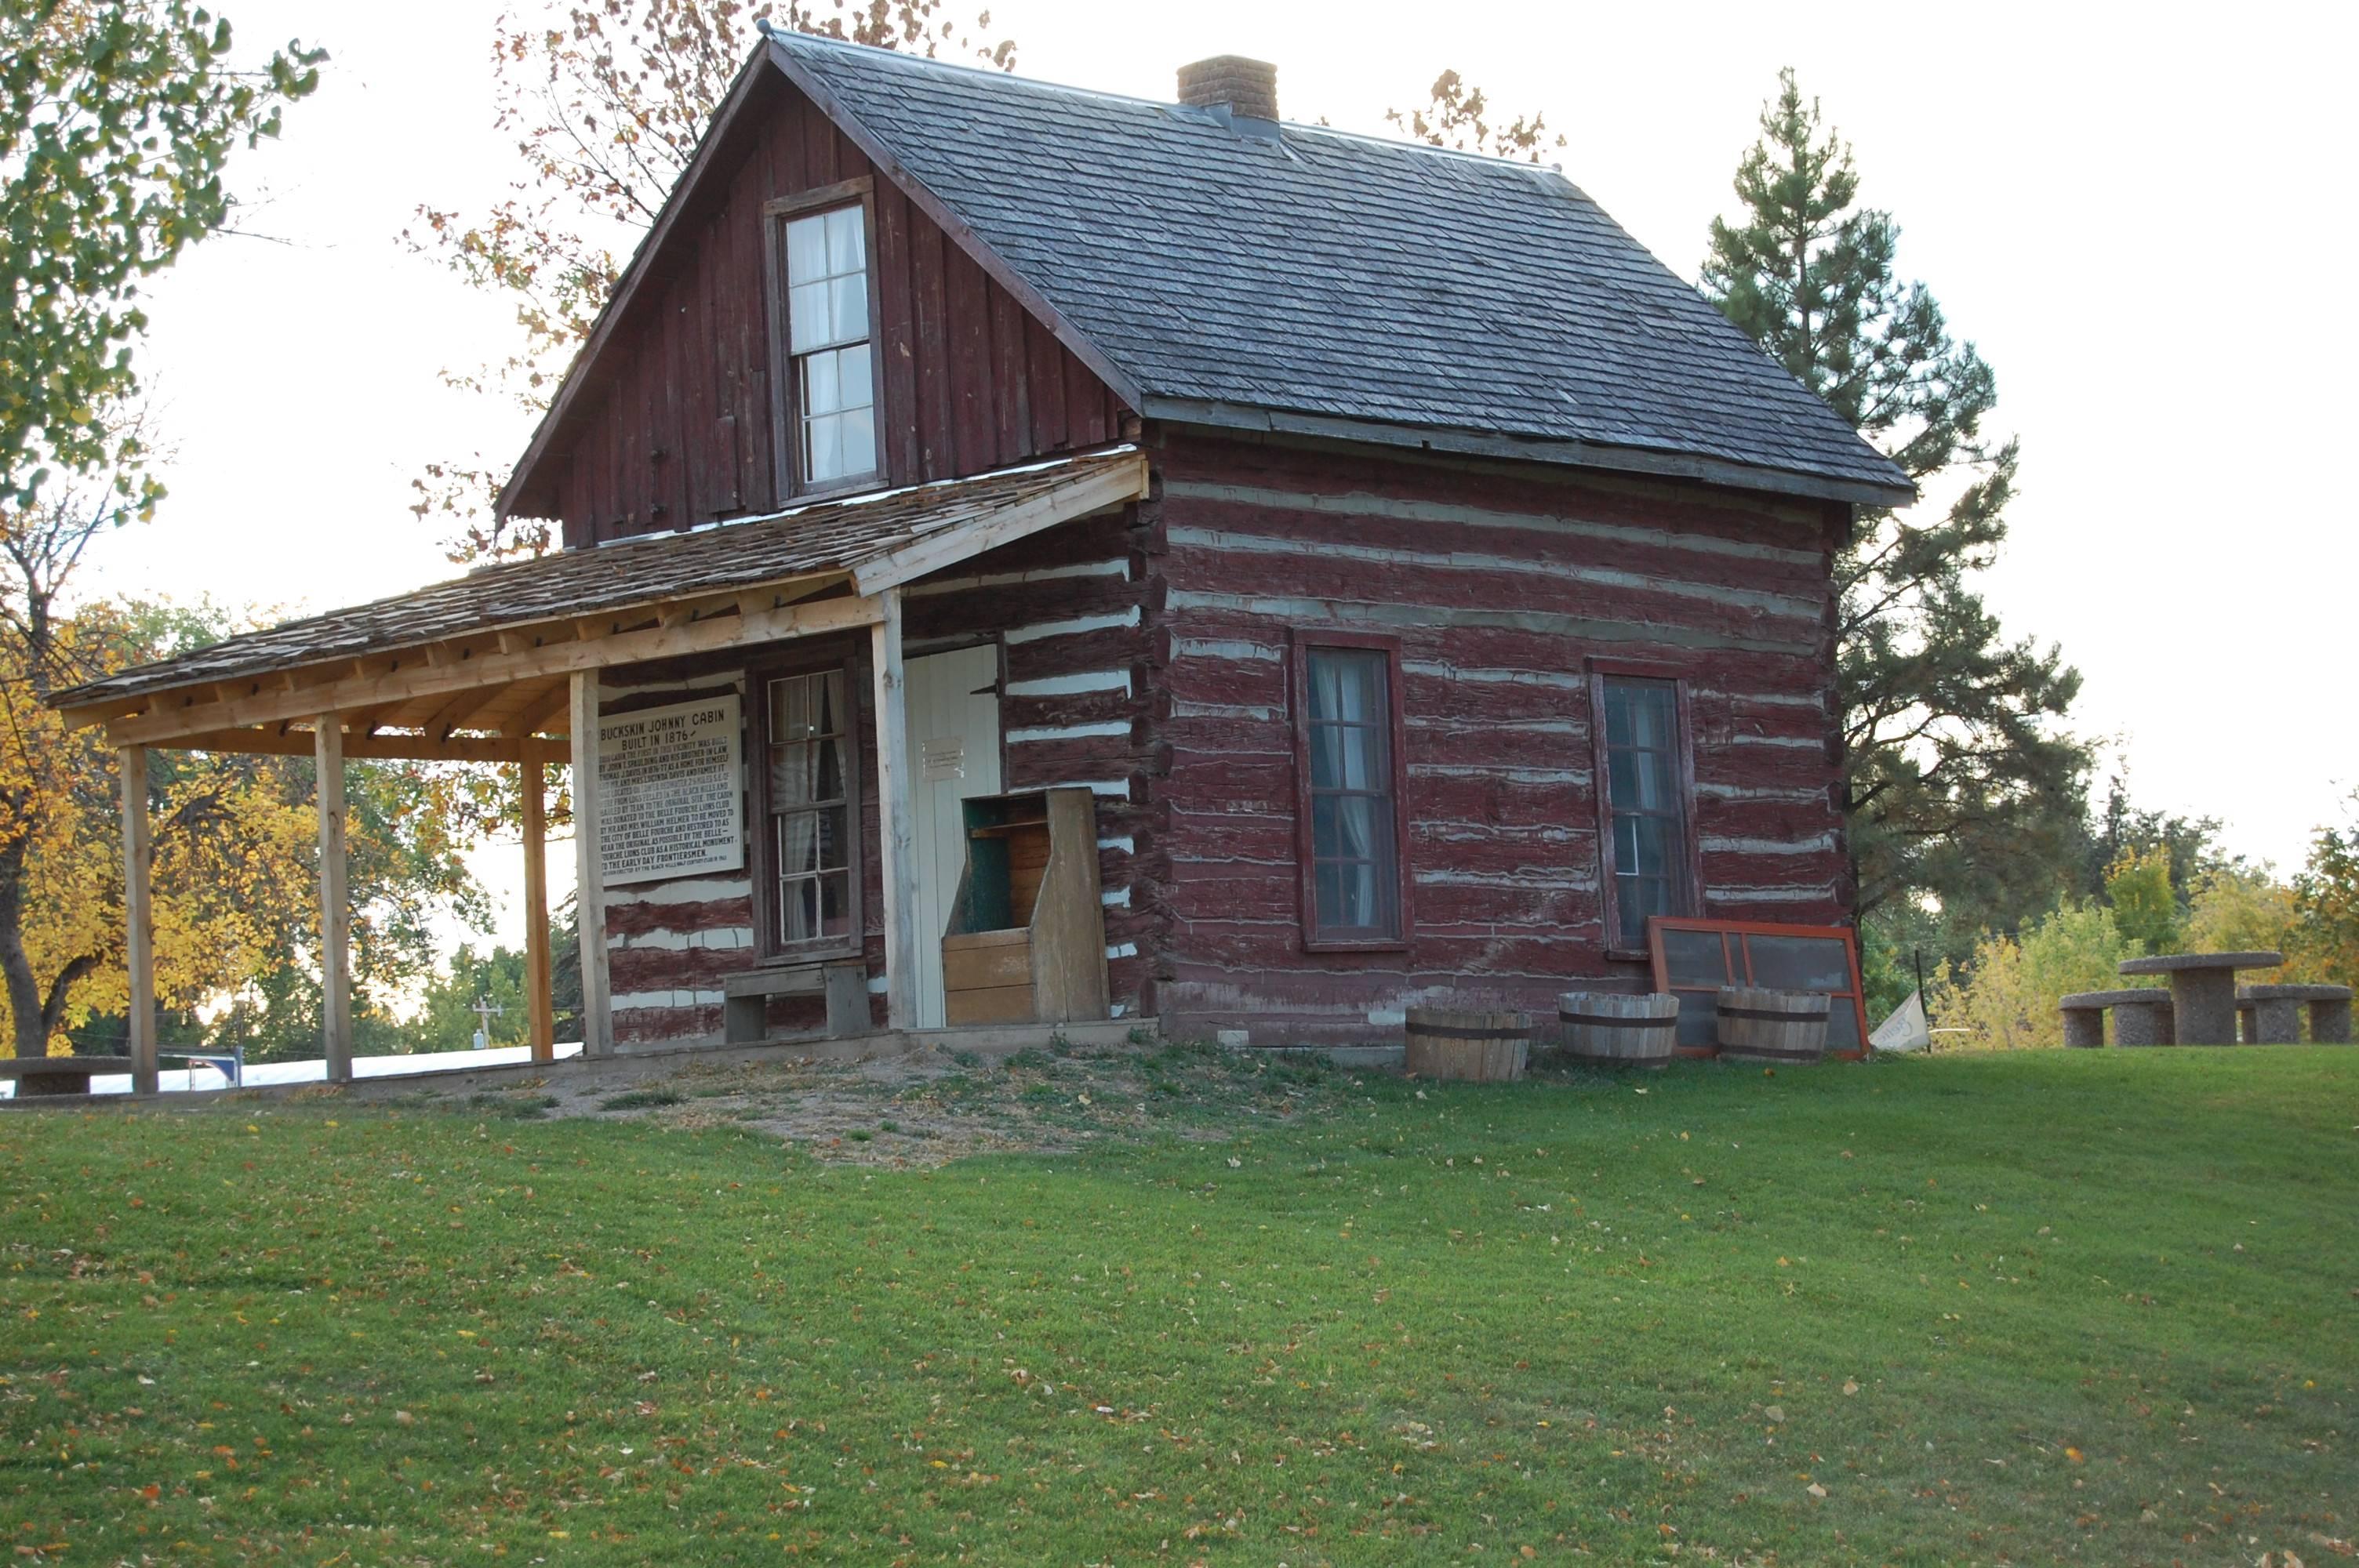 Log cabin in Belle Fourche